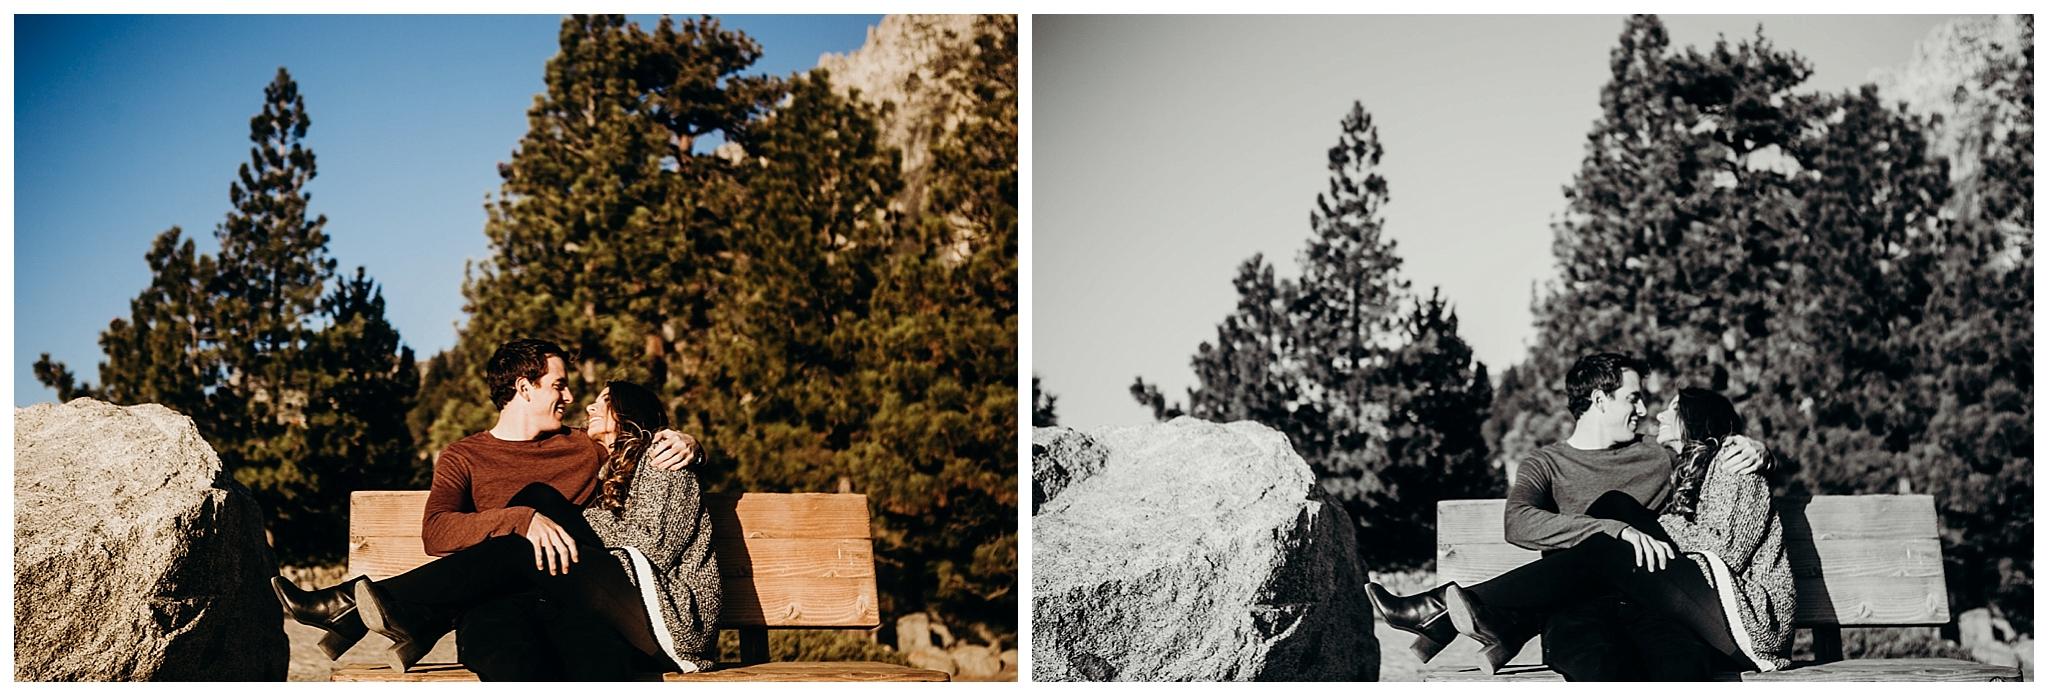 lake tahoe lifestyle photography - lake tahoe engagement photographer - lake tahoe elopement photographer - lake tahoe photographer - south lake tahoe photography-12.jpg